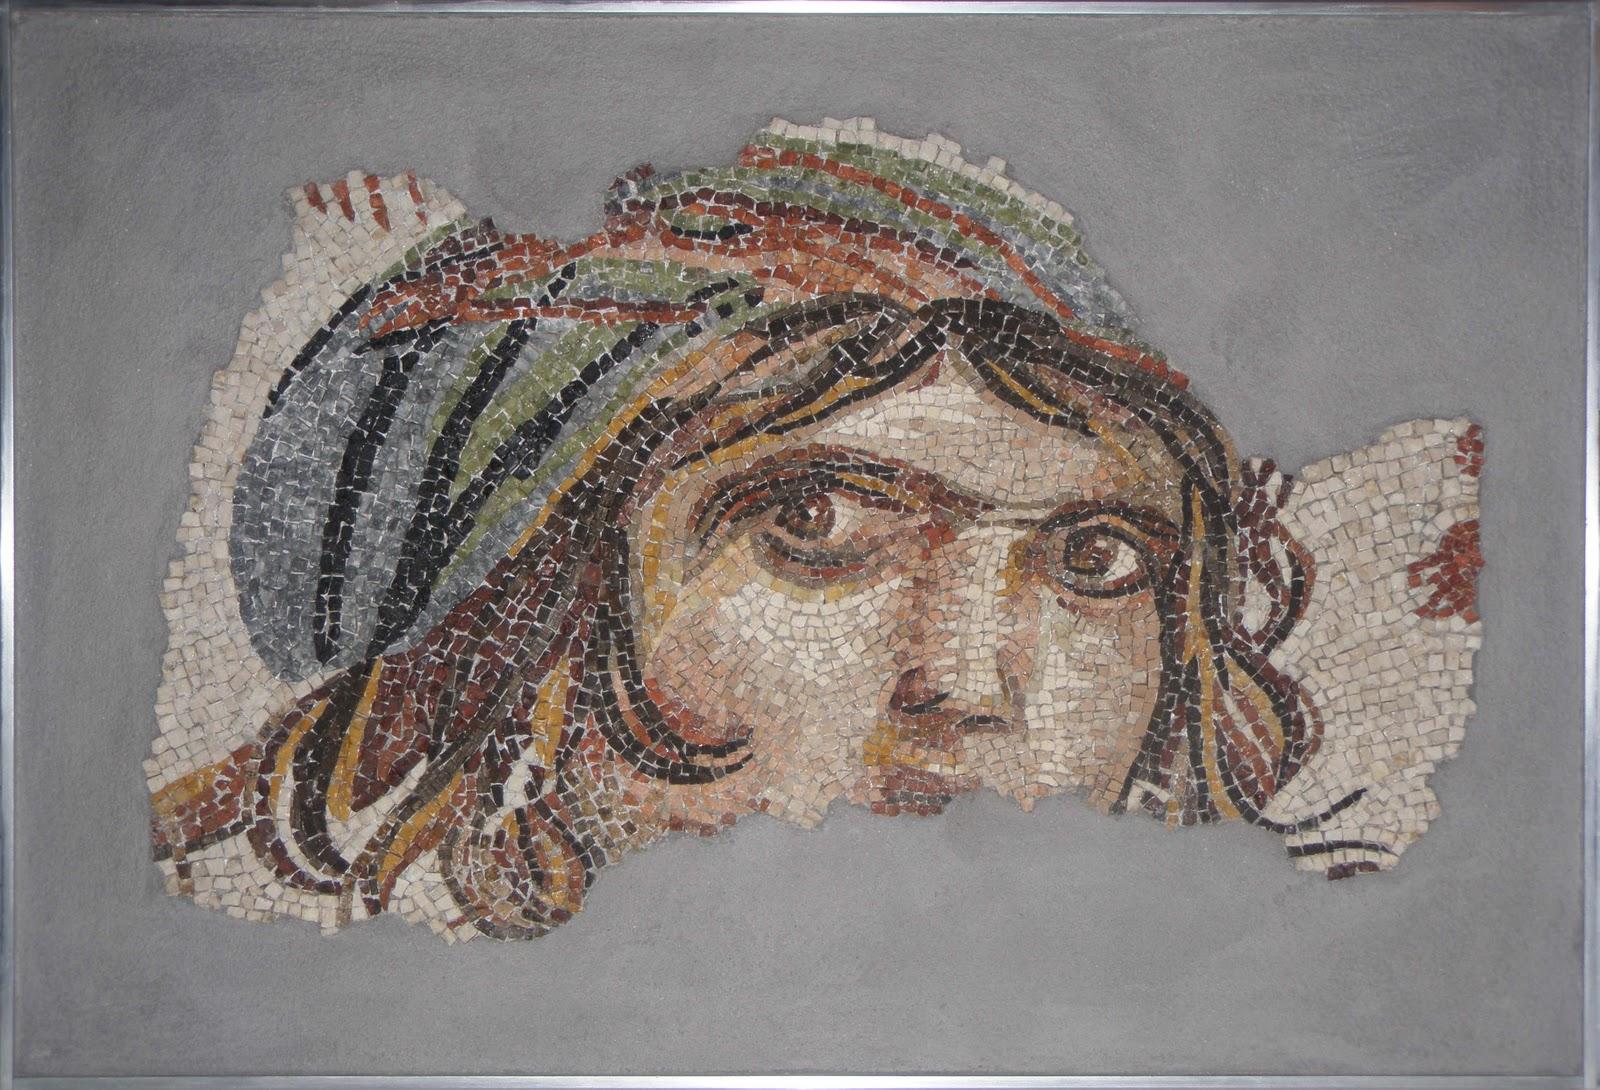 Il Mosaico di ciottoli del Laboratorio Musivarius Copie mosaici antichi